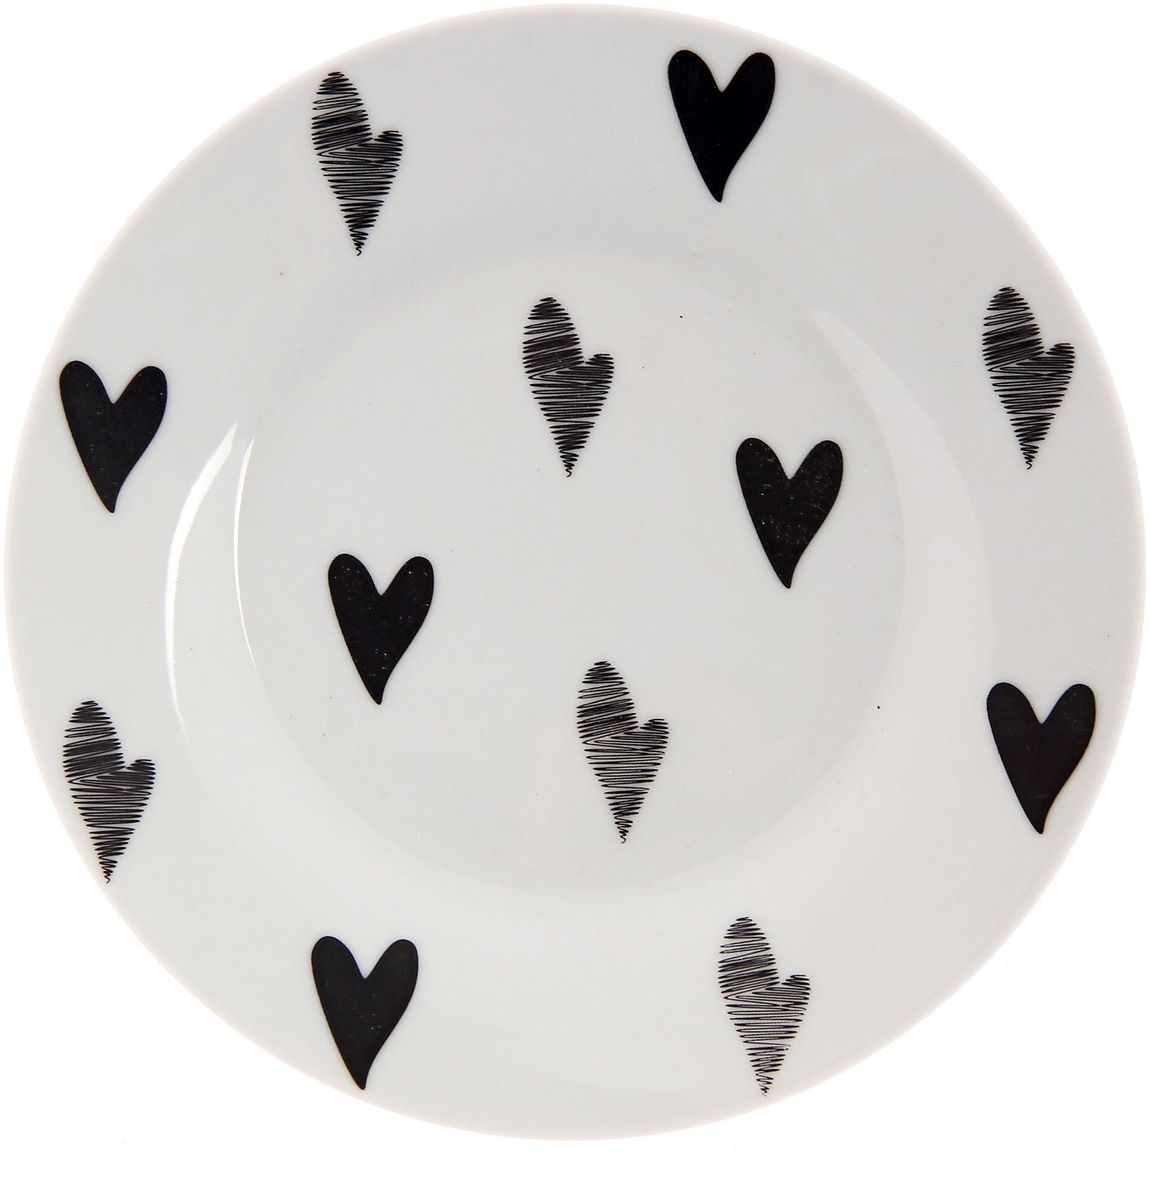 Тарелка мелкая Сотвори чудо Маленькое сердце, диаметр 15,5 см2277859Хотите обновить интерьер кухни или гостиной? Устраиваете необычную фотосессию или тематический праздник? А может, просто ищете подарок для близкого человека? Посуда Сотвори Чудо — правильный выбор в любой ситуации. Тарелка Сотвори Чудо, изготовленная из изящного фаянса нежного сливочного цвета, оформлена оригинальным рисунком со стойкой краской. Пригодна для посудомоечной машины.